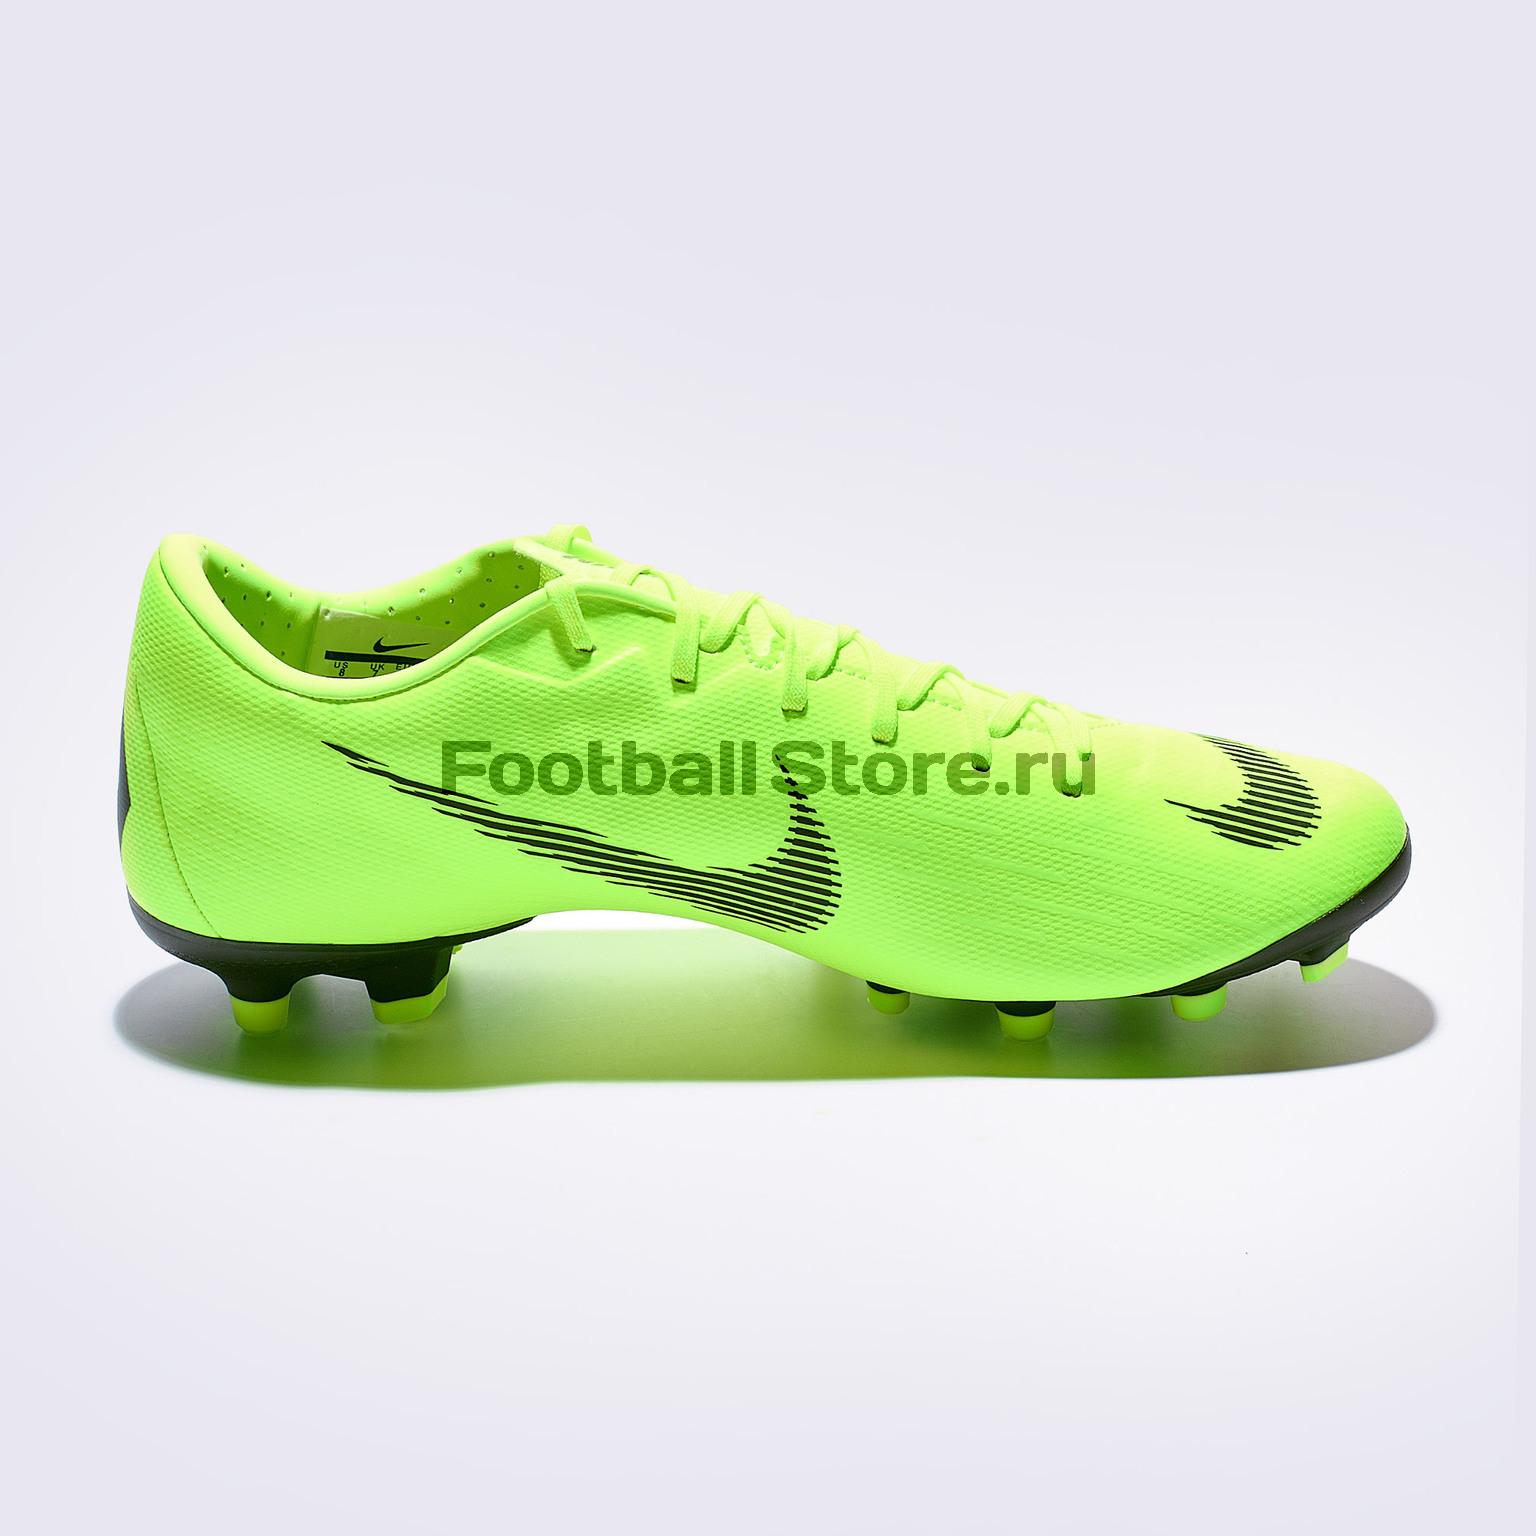 716c17f9 Бутсы Nike Vapor 12 Academy FG/MG AH7375-701 – купить бутсы в ...